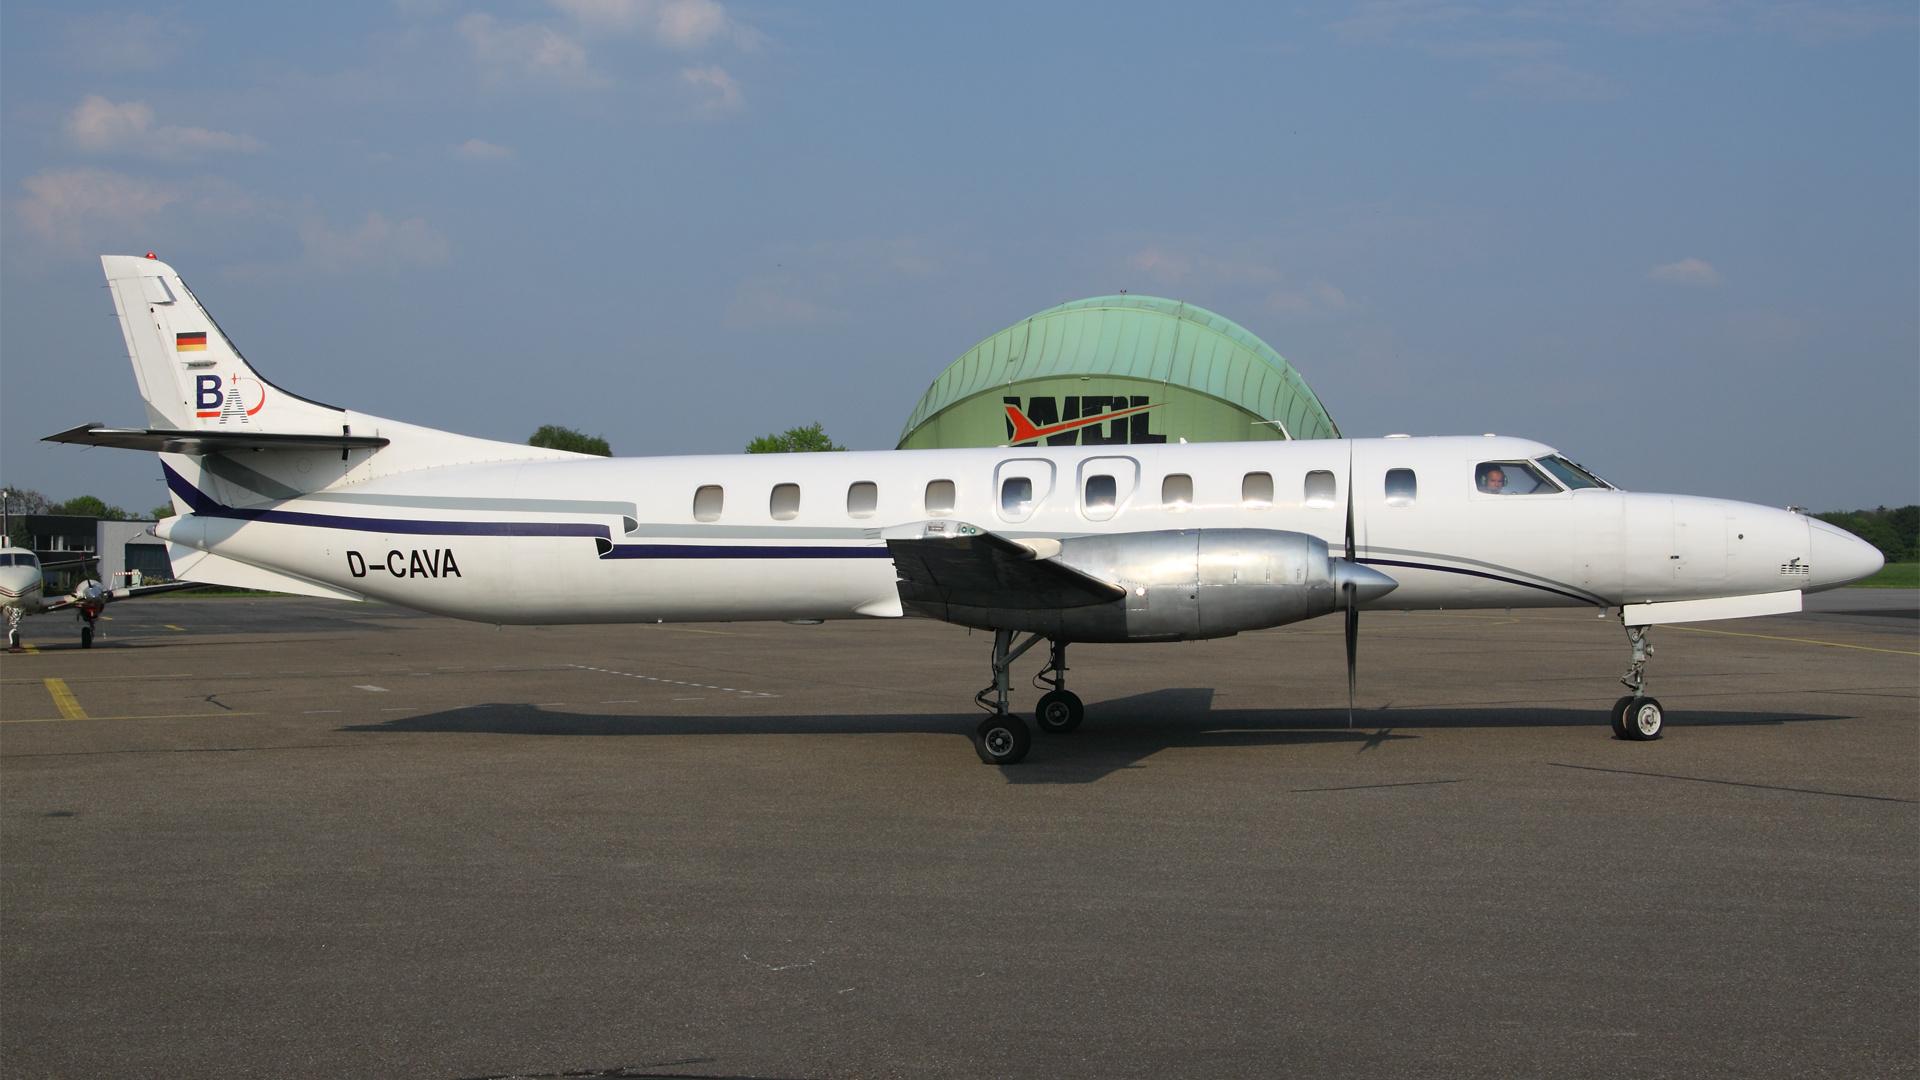 D-CAVA-4 SWM ESS 201104